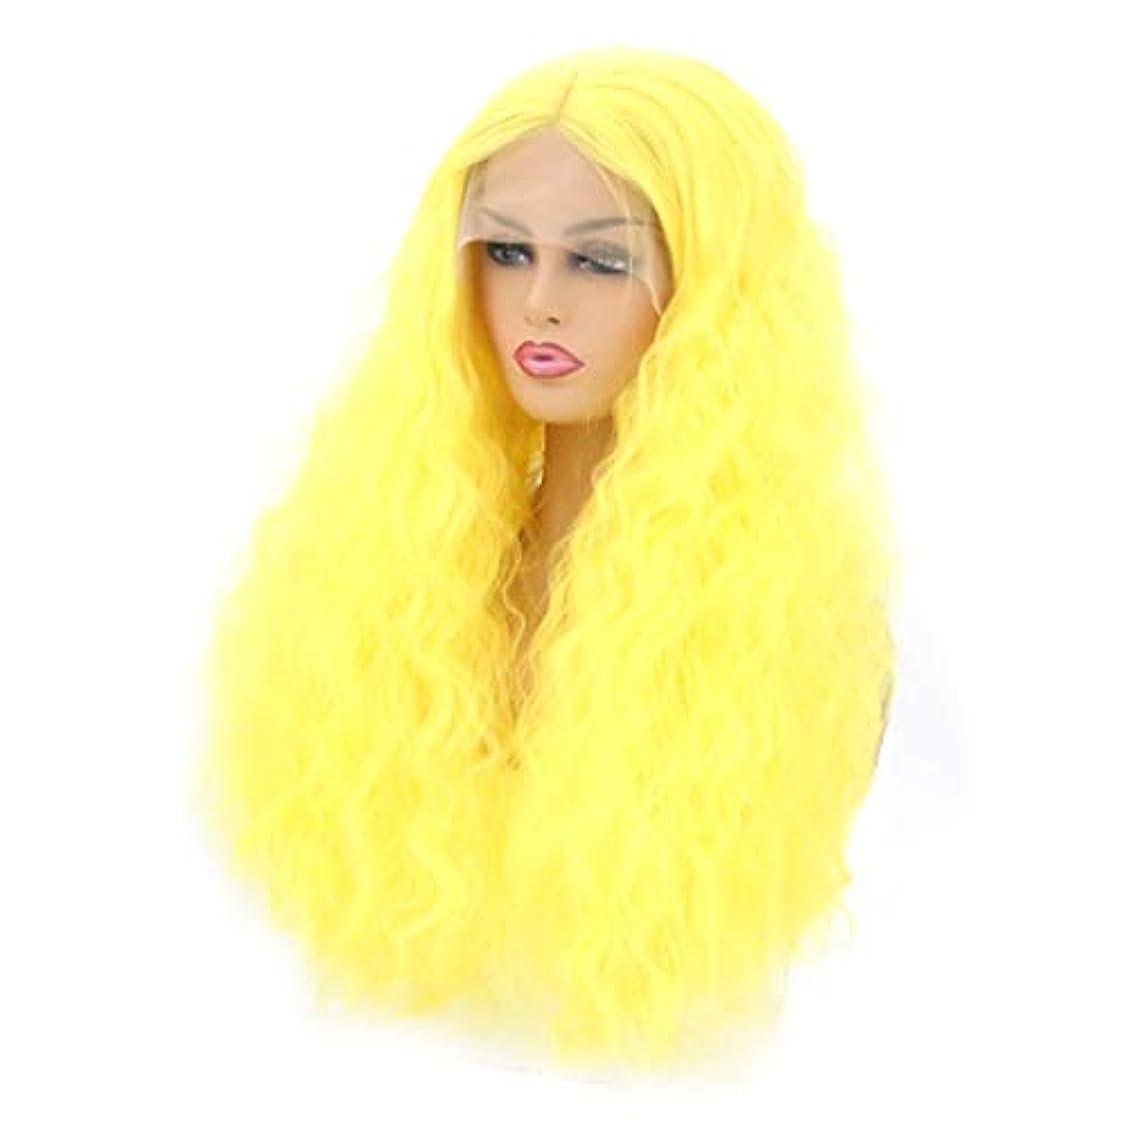 フィクションジーンズ土地Kerwinner 本物の髪として自然な女性のための長い巻き毛の波状のかつら合成のカラフルなコスプレデイリーパーティーウィッグ (Size : 26 inches)